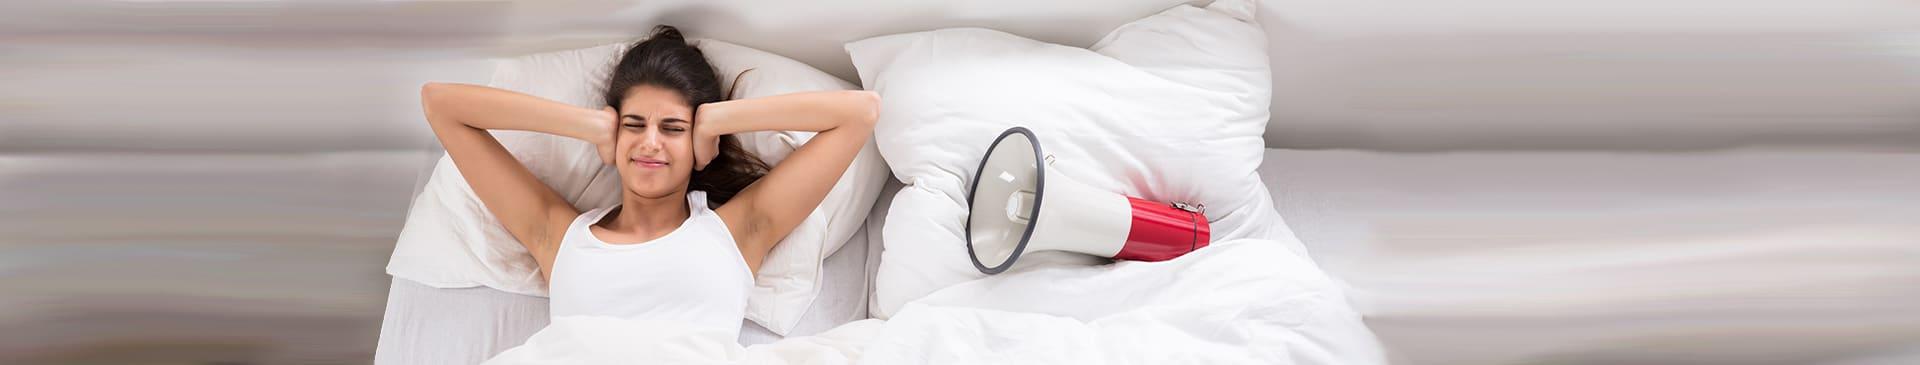 natuurlijke anti-snurk - wat te doen tegen snurken